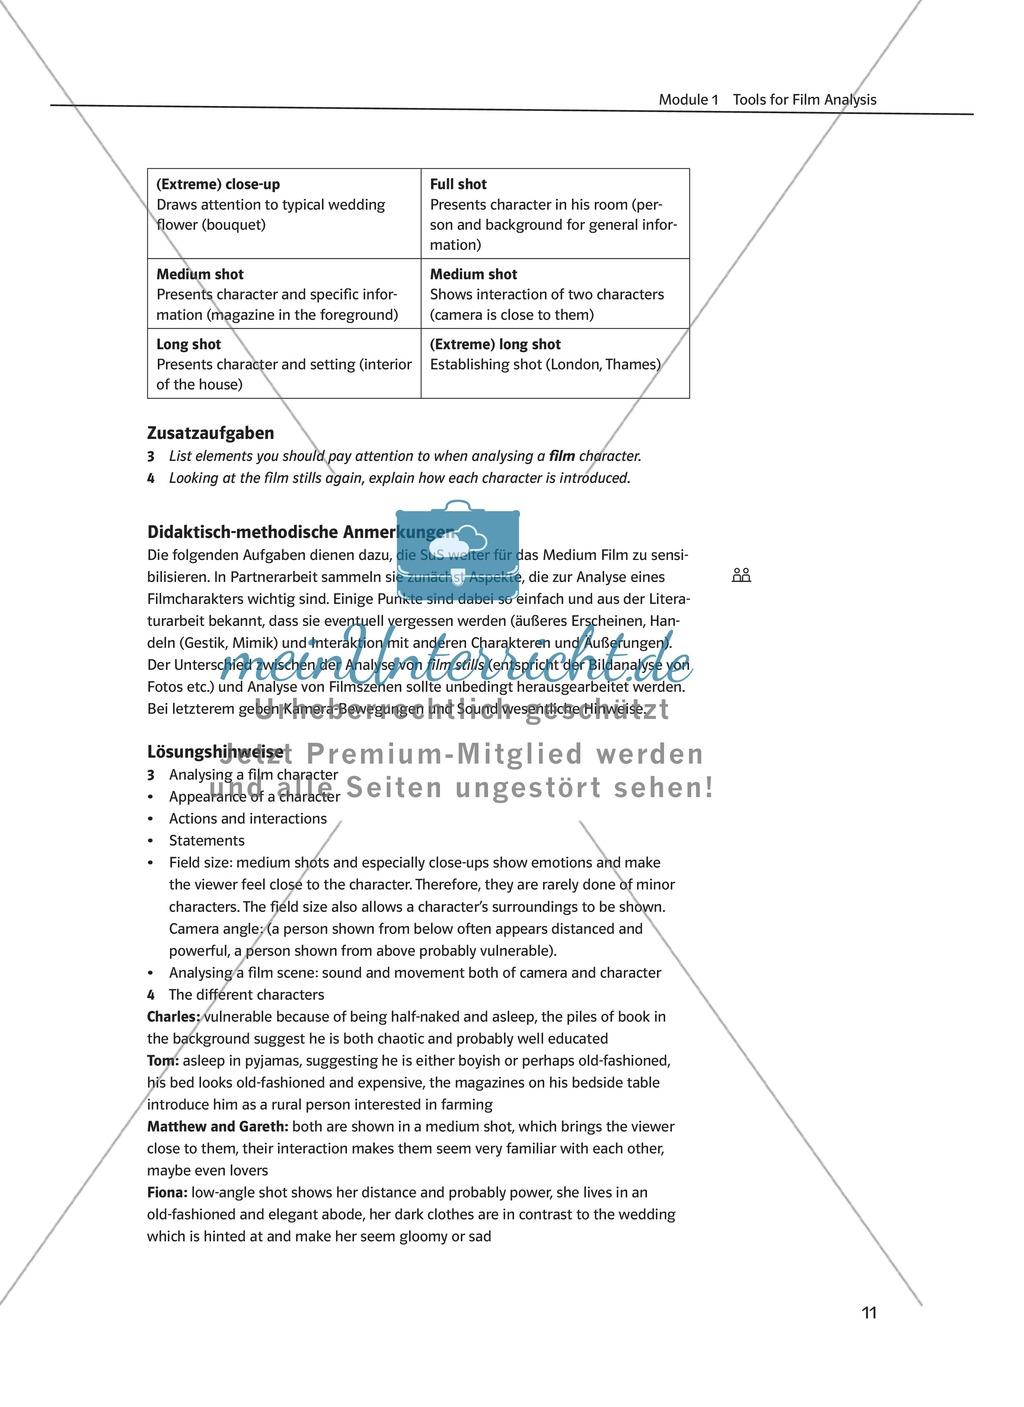 Tools for film analysis - Grundbegriffe der Filmanalyse und Vertiefung des Fachvokabulars zur Charakteranalyse Preview 1